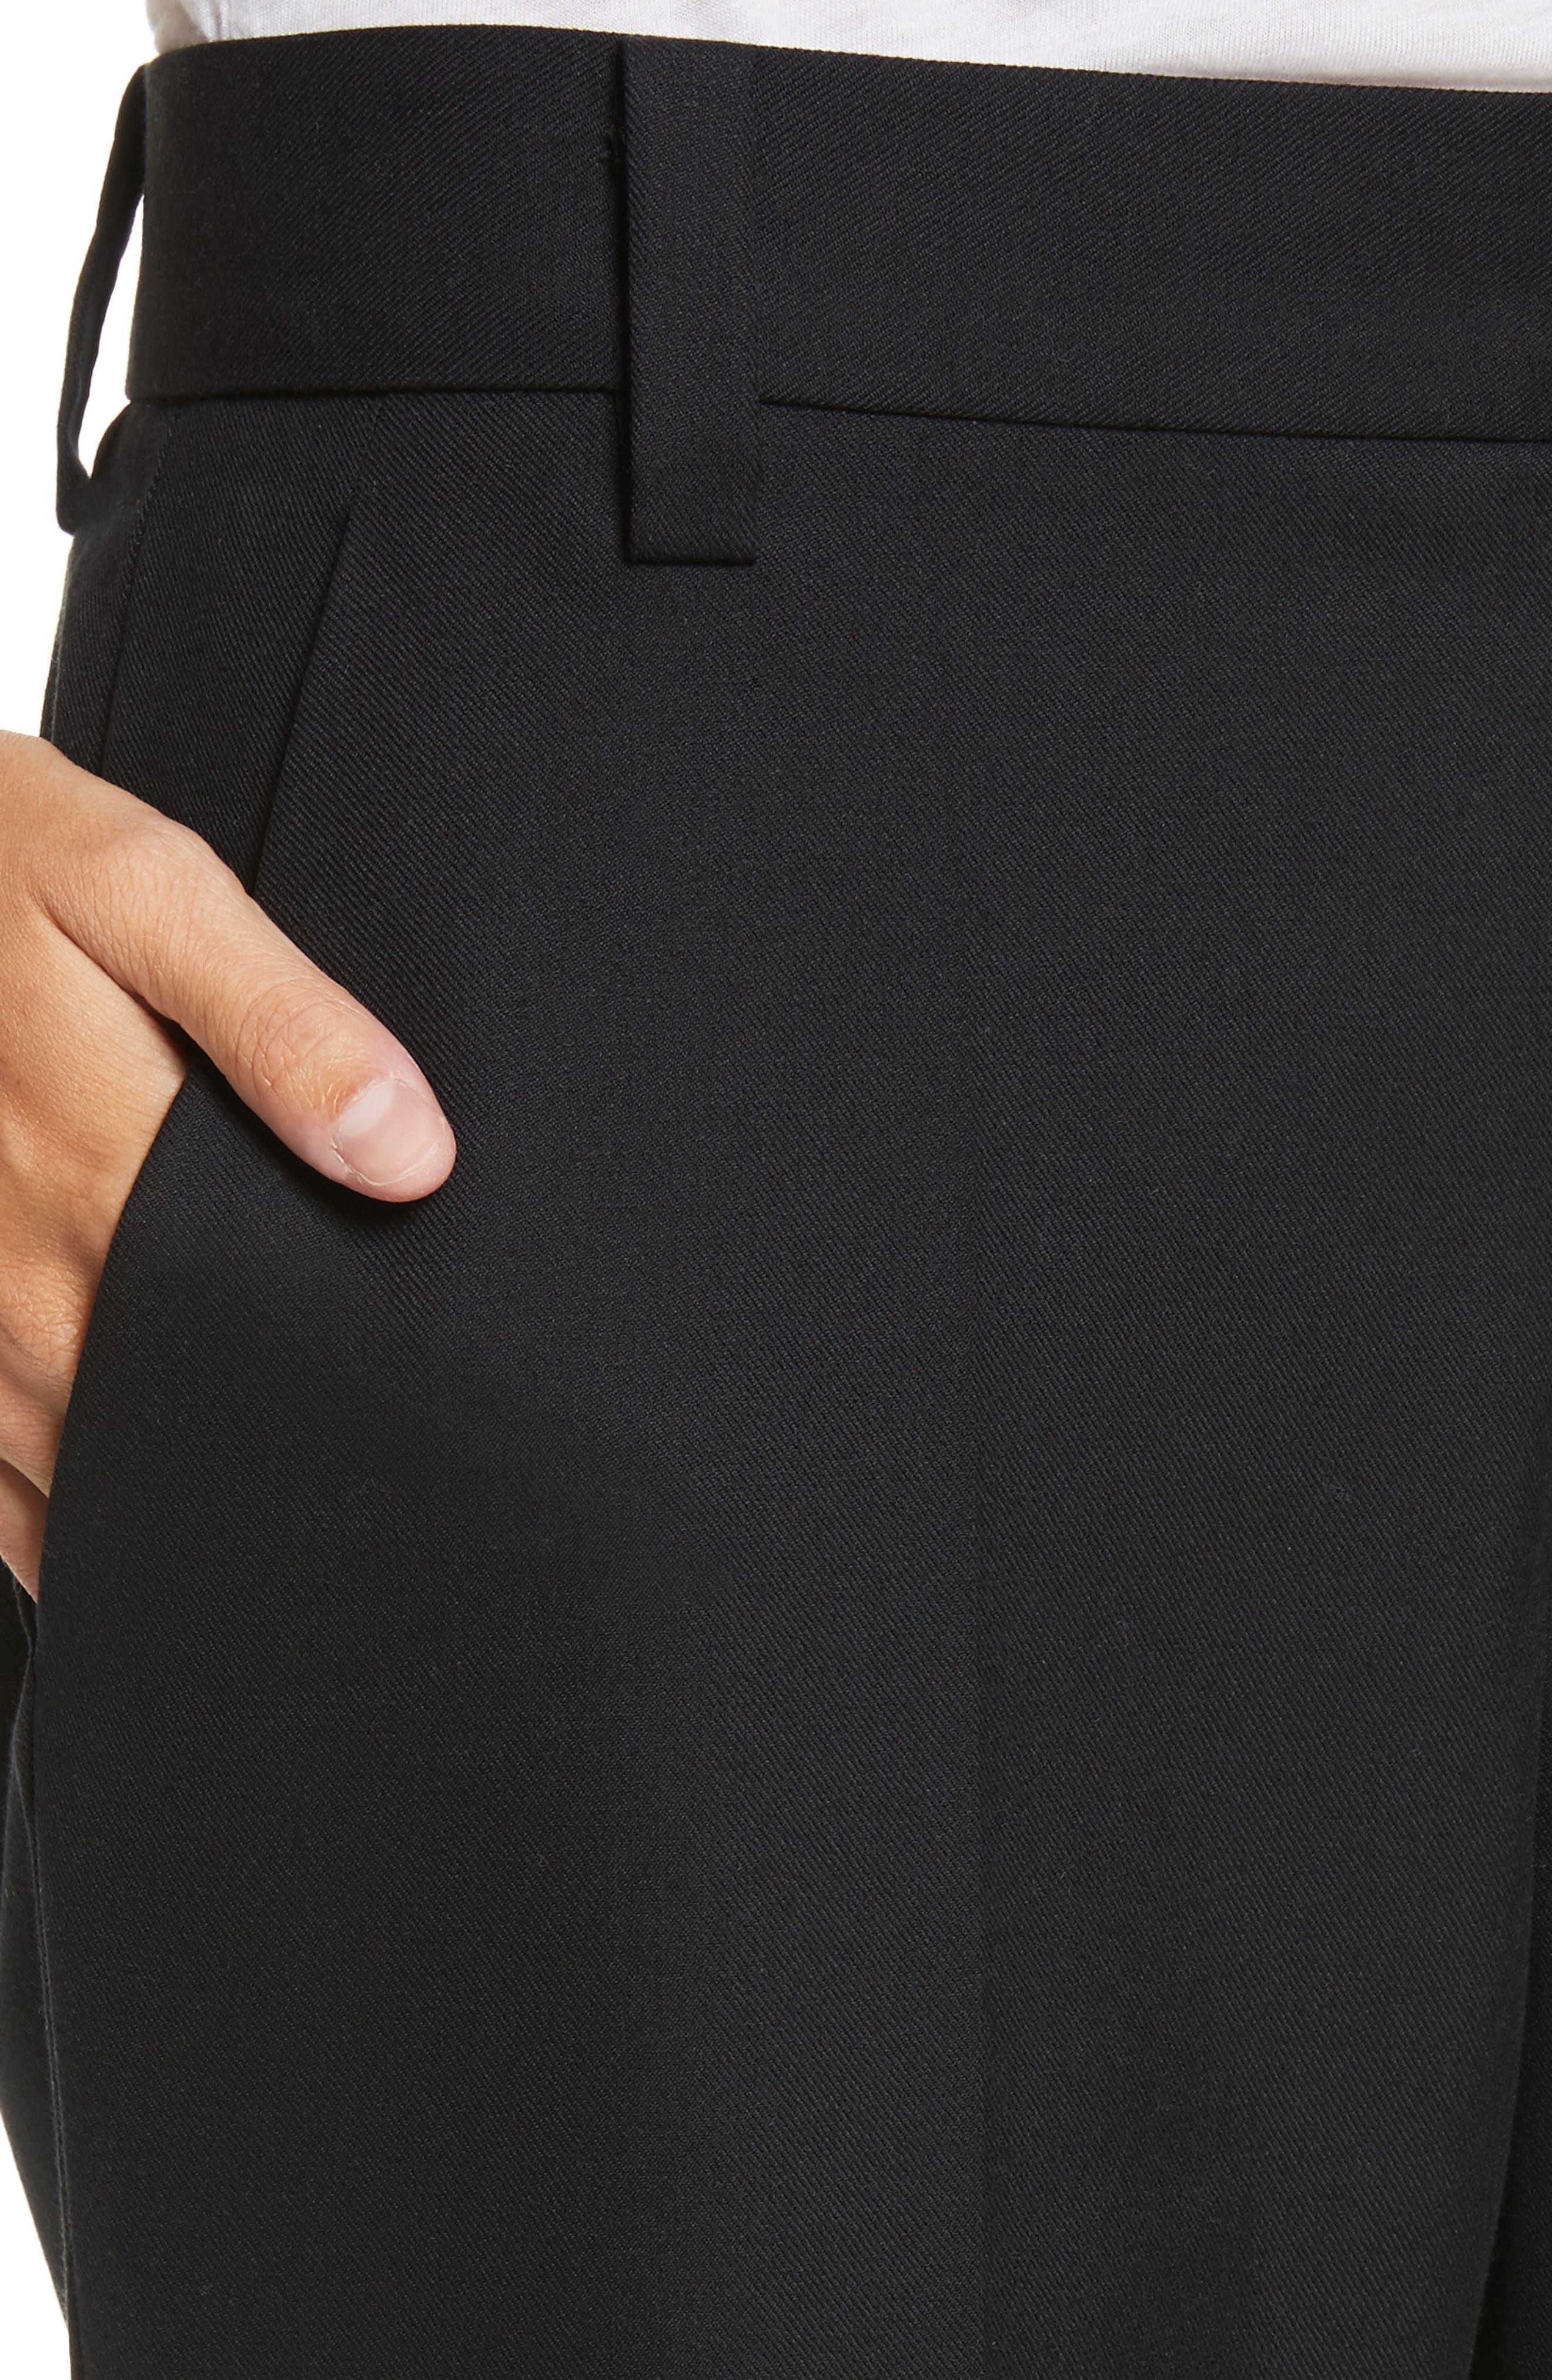 Pompom Hem Trousers,                             Alternate thumbnail 4, color,                             Black